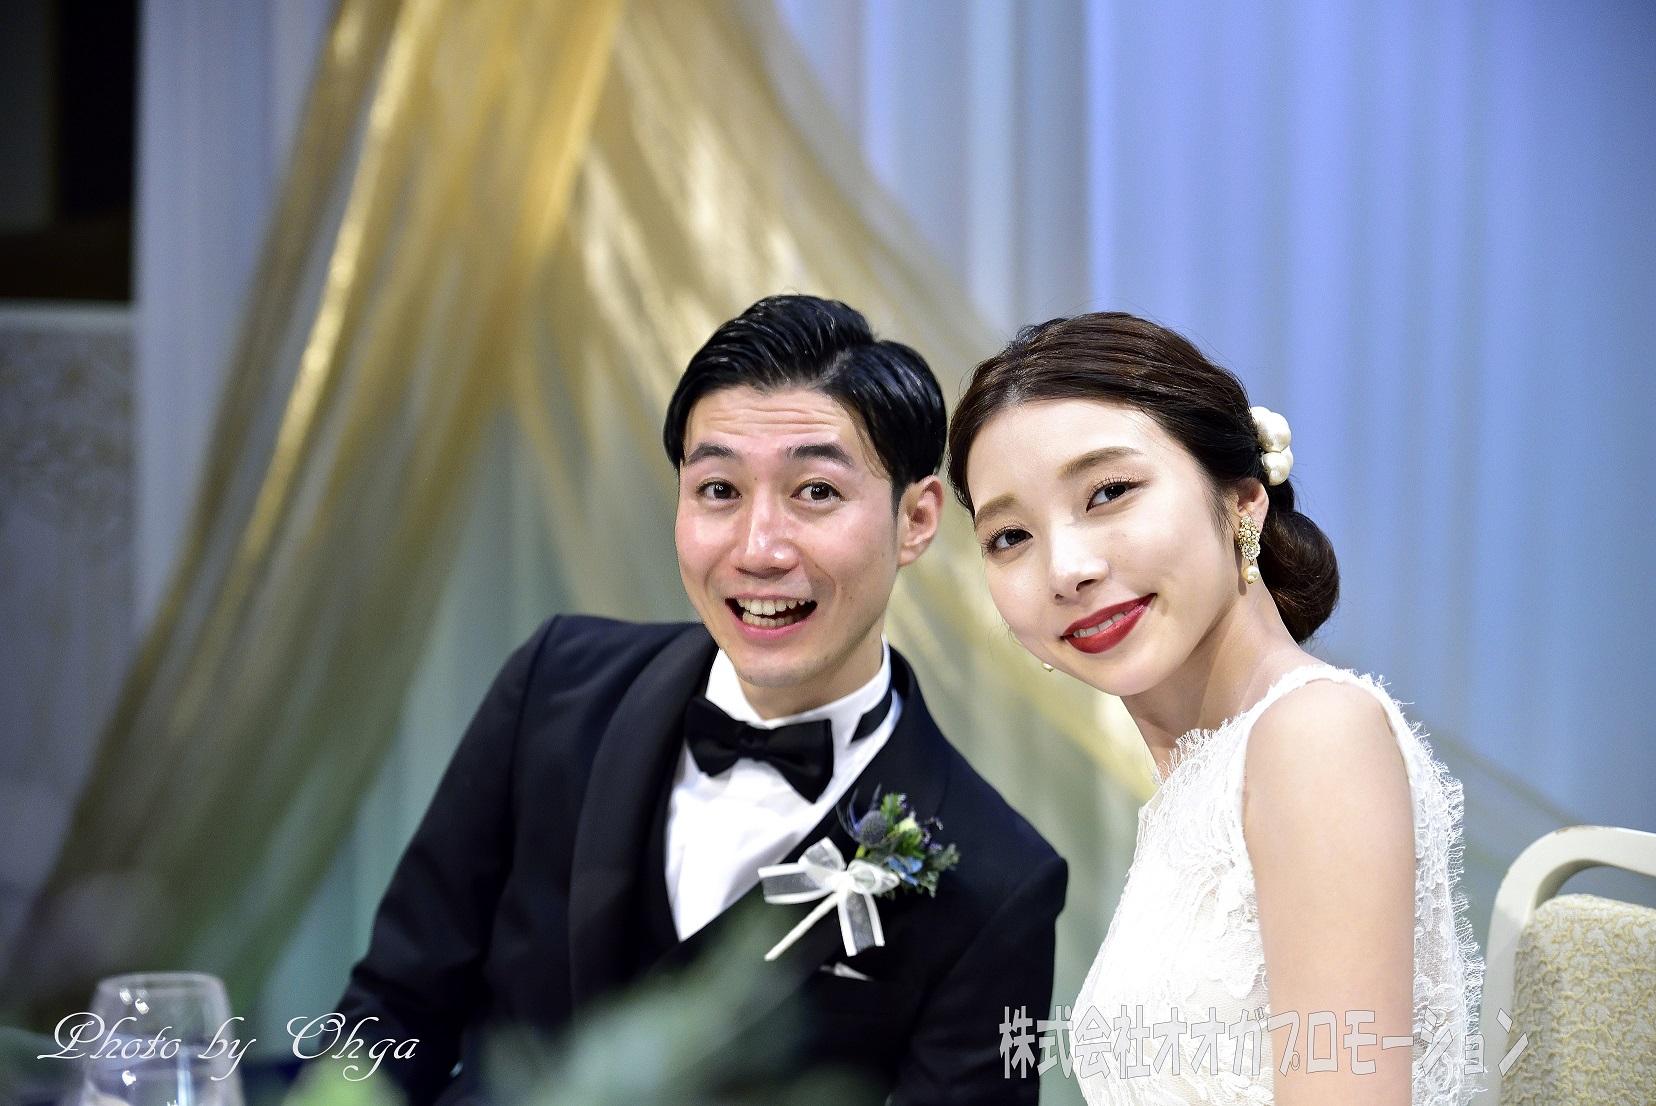 結婚式の写真・ビデオにこだわりのある方はオオガプロモーションへご注文ください。